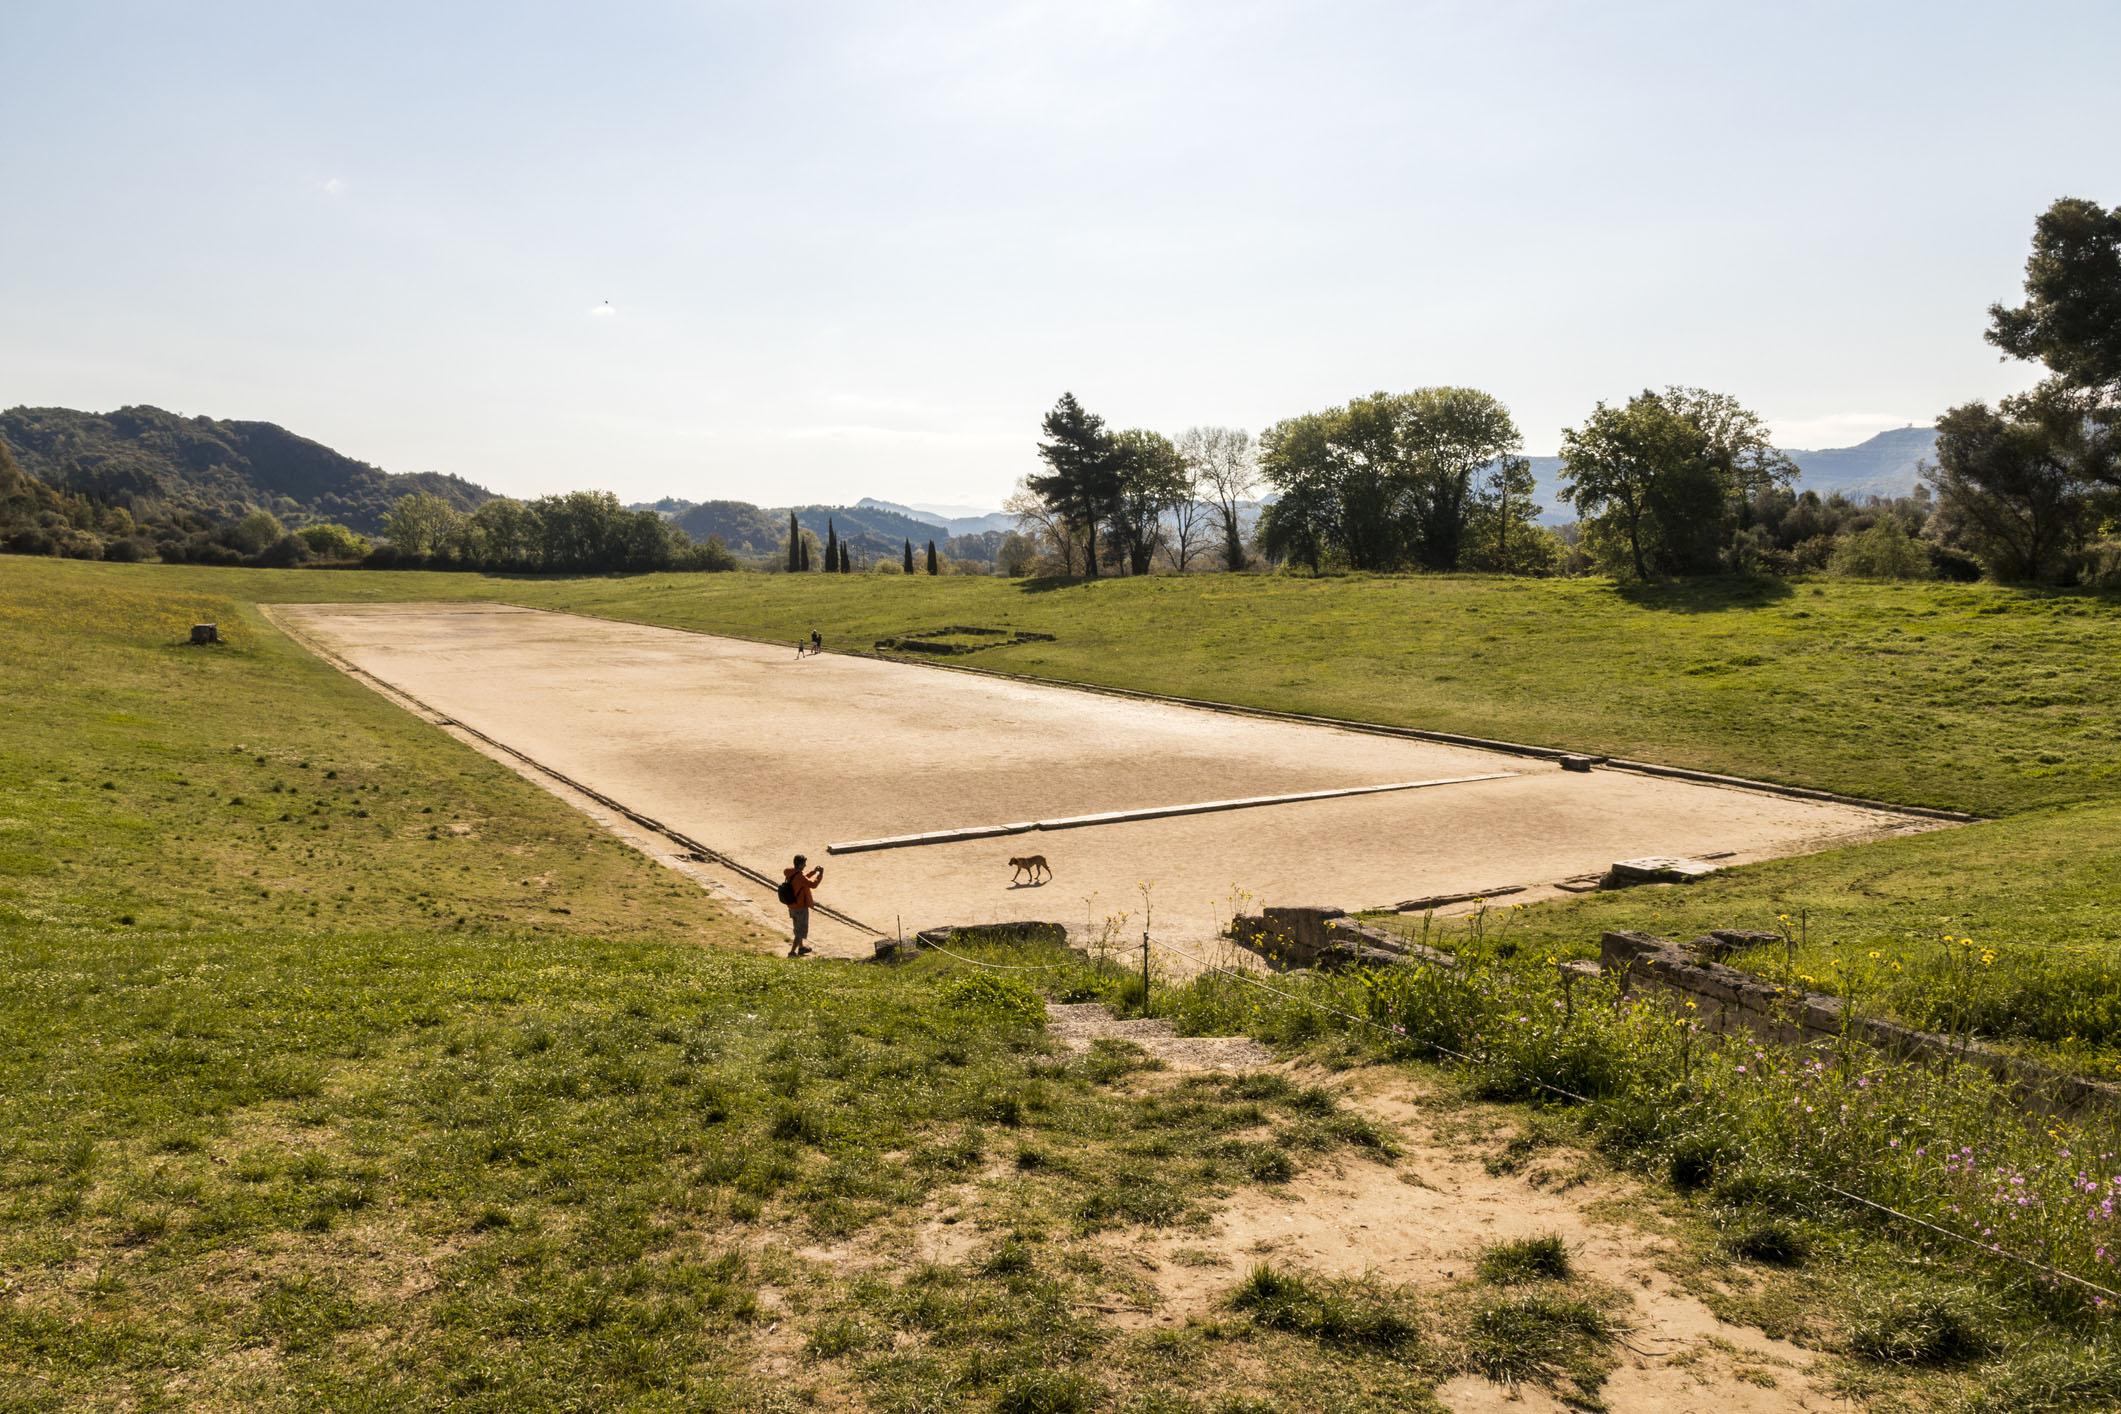 Antik Yunan döneminde Olympia şehrinde oyunların düzenlendiği stadyum